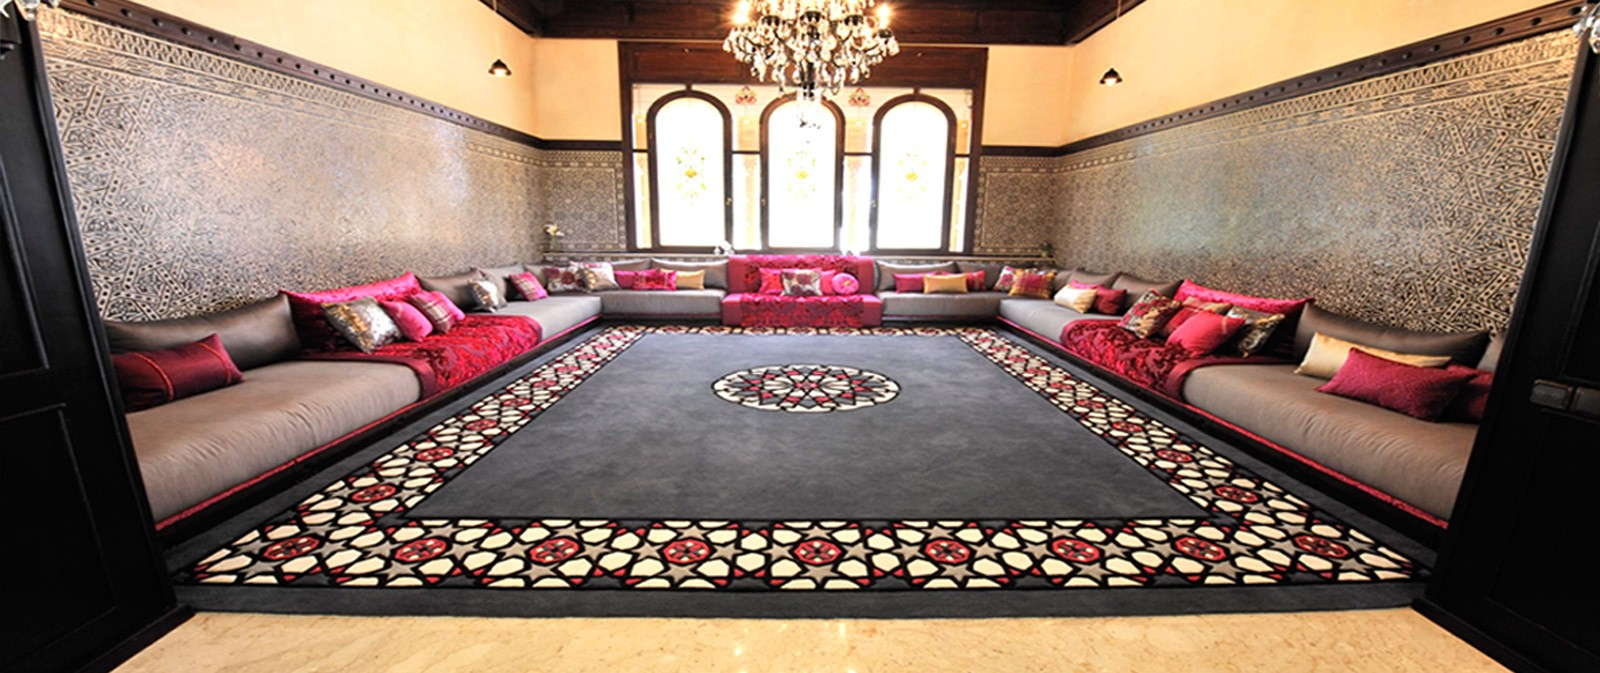 Tapis salon marocain